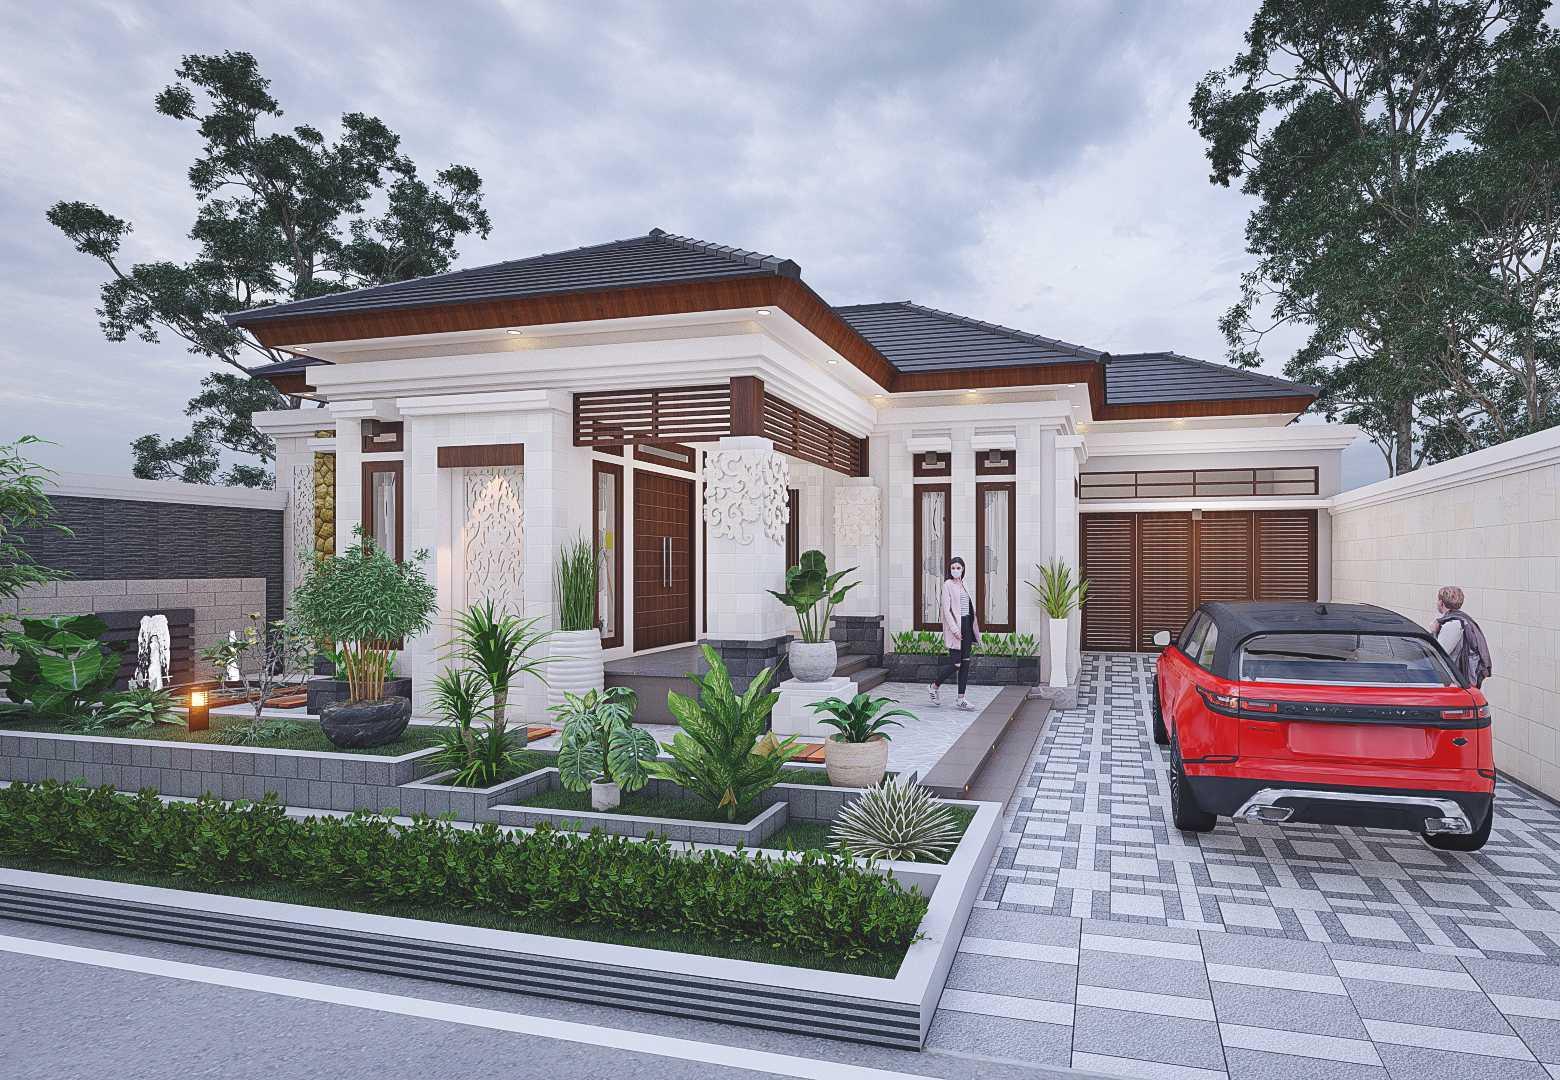 Bimasaka Arsitek & Kontruksi Desain Fasad Bali, Indonesia Bali, Indonesia Bimasaka-Arsitek-Kontruksi-Desain-Fasad   116788